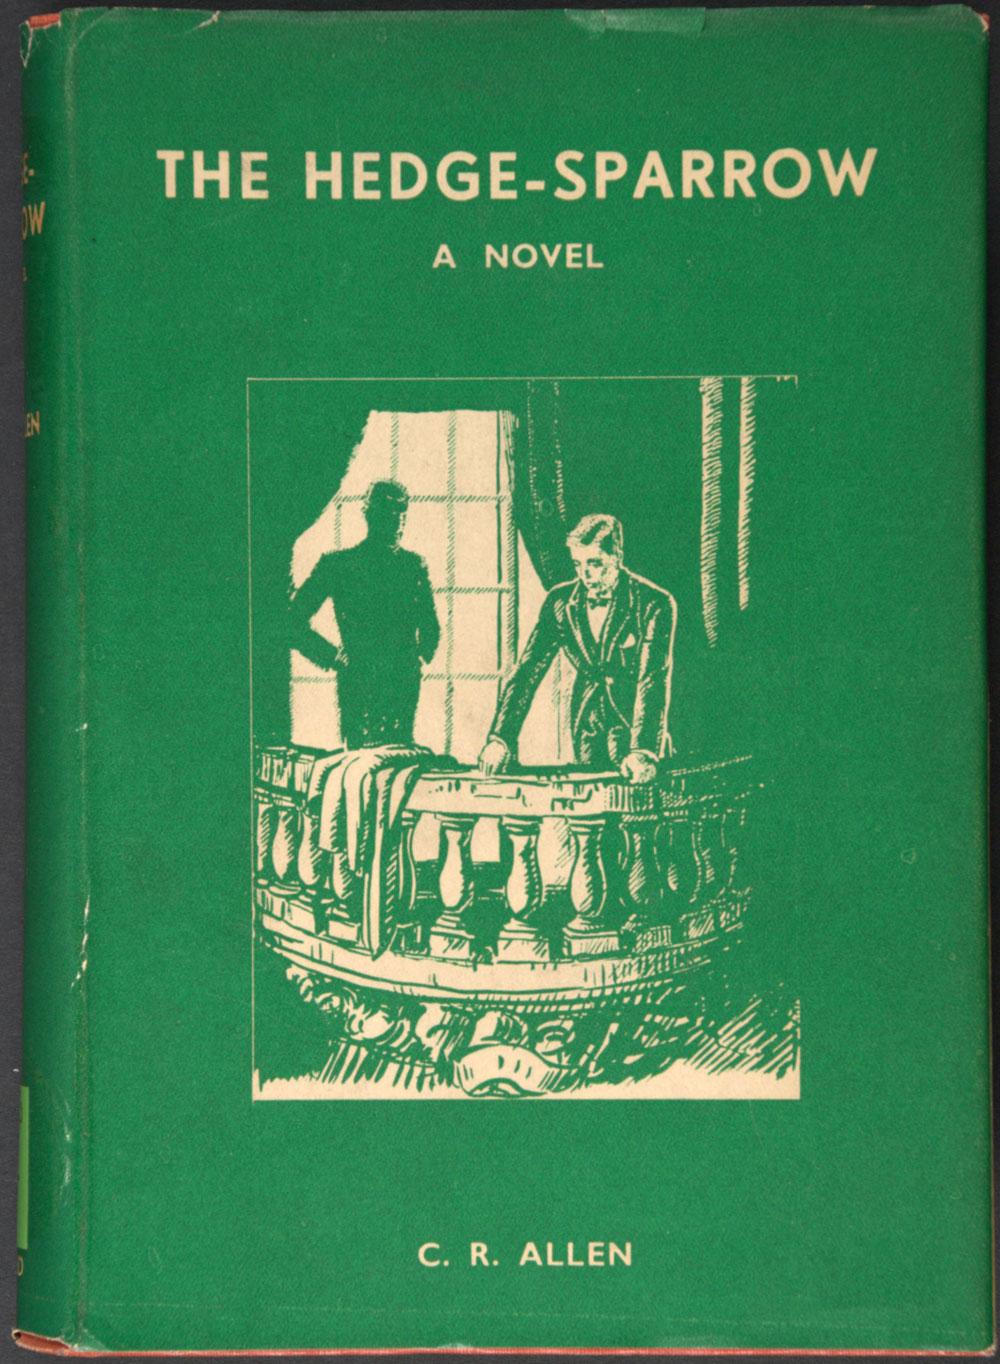 C.R. Allen.<em>The hedge-sparrow: a novel.</em> Dunedin: A.H. and A.W. Reed, 1937.